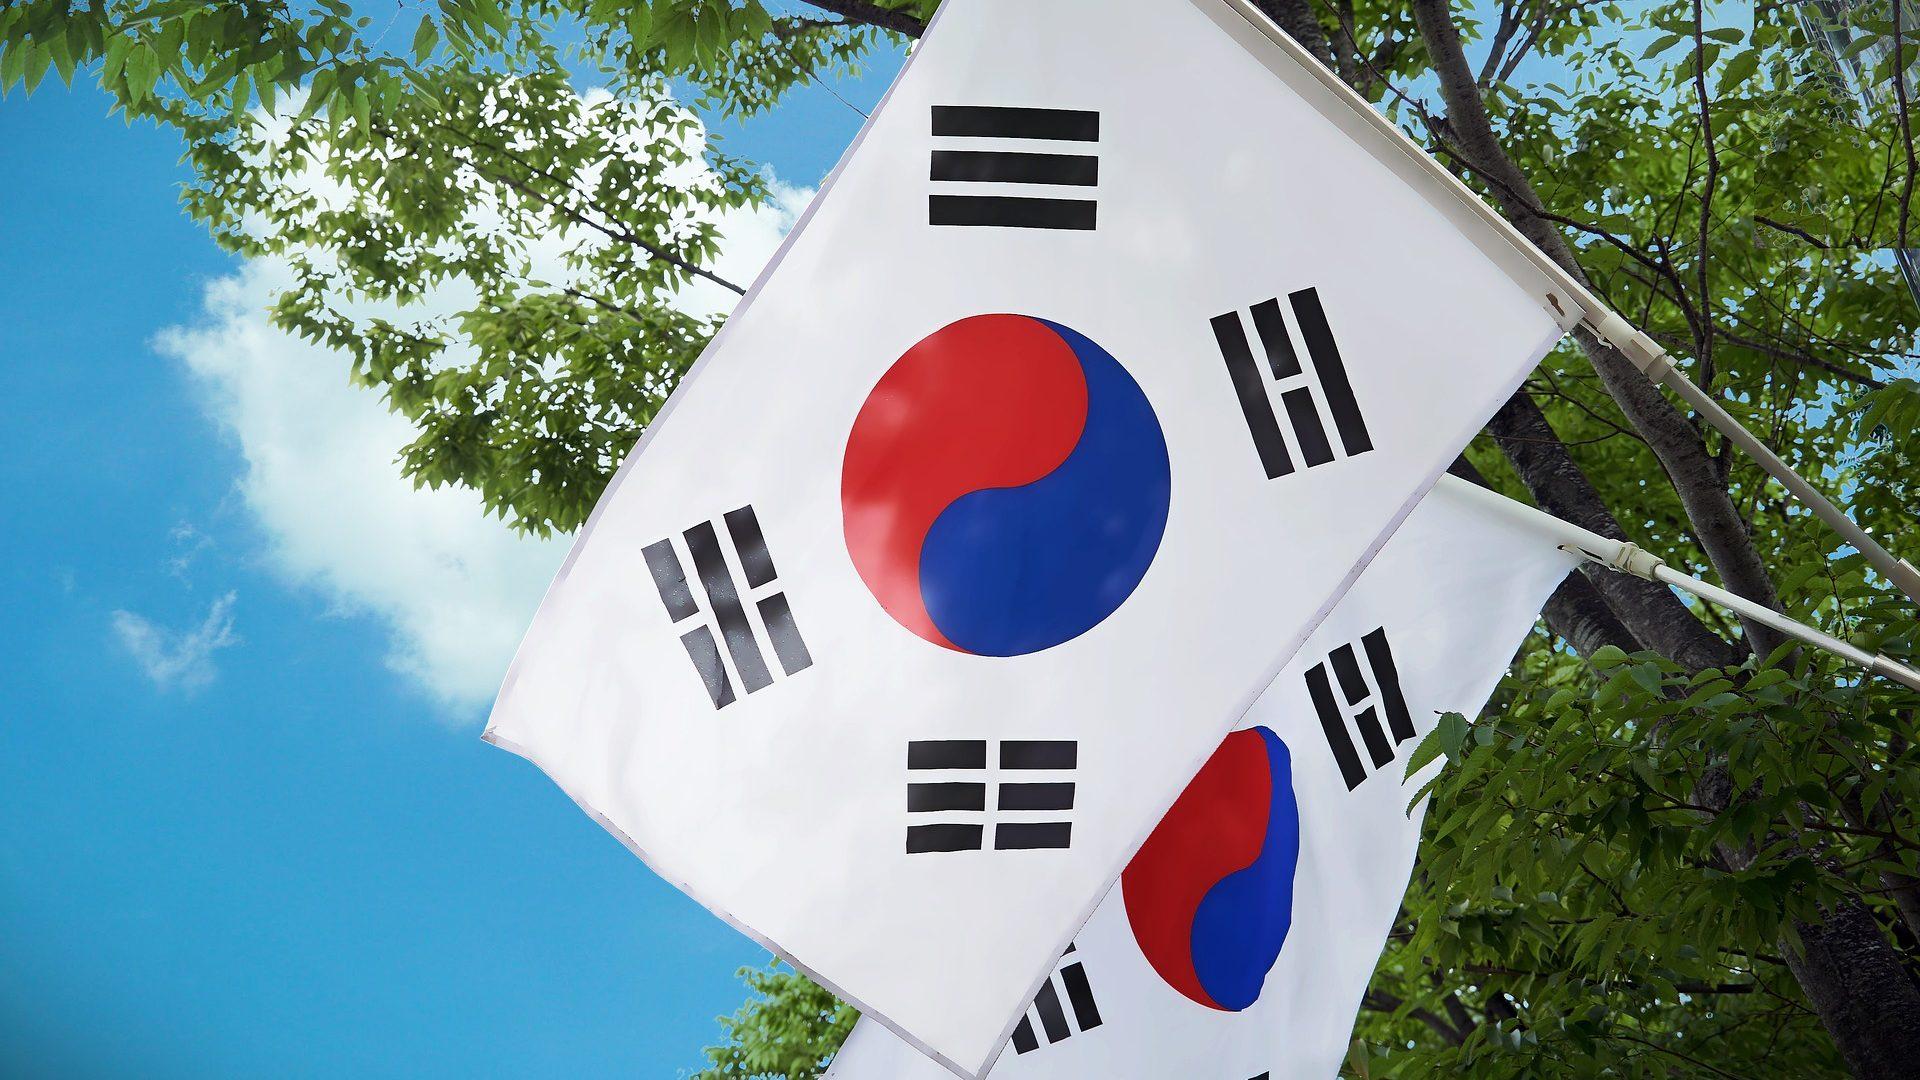 מבטחים בדרום קוריאה משווקים ביטוח קנסות